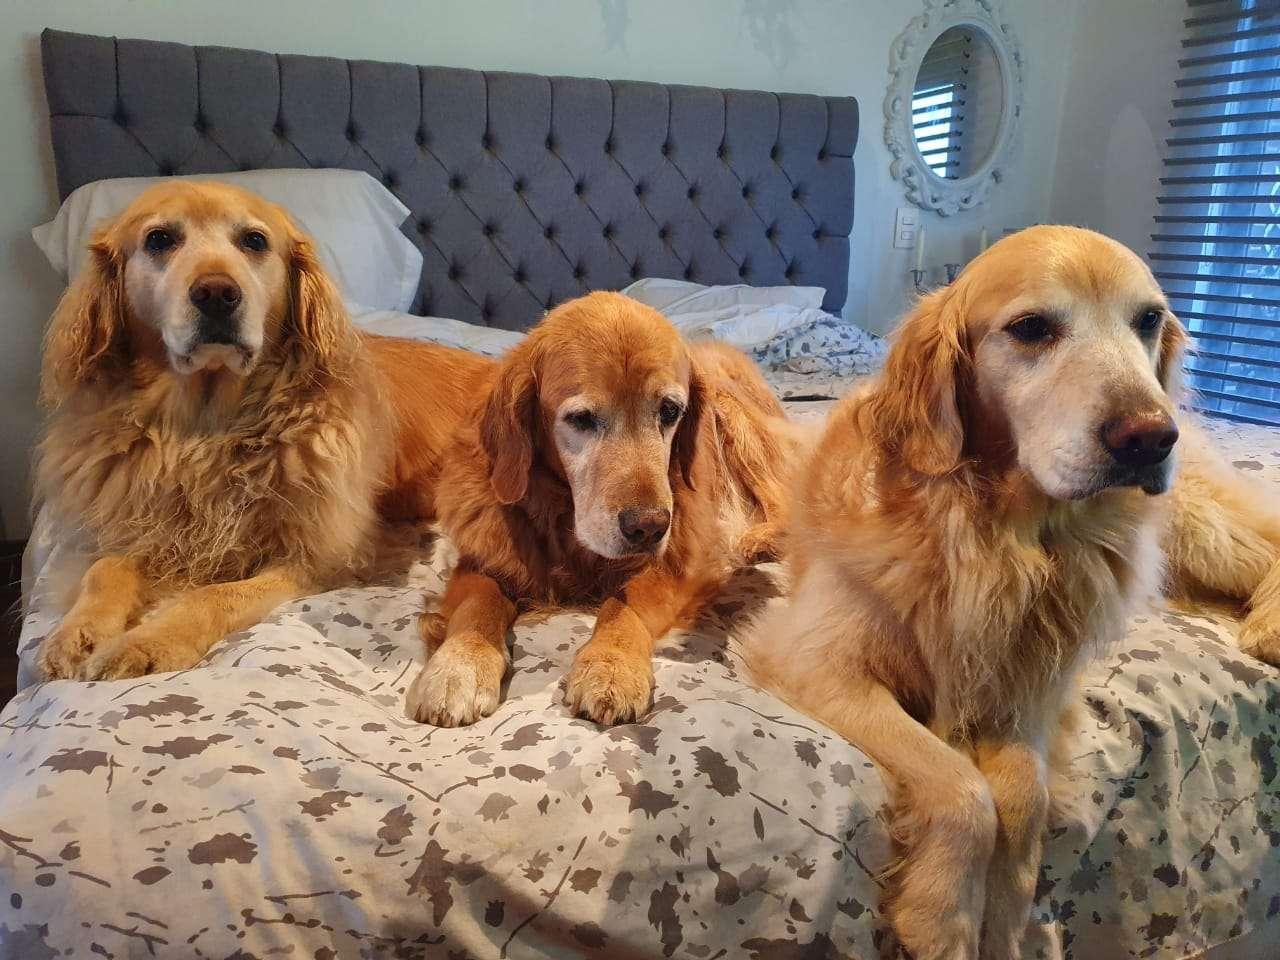 3 perros felices - Hay tres golden retriever muy felices (6×5)